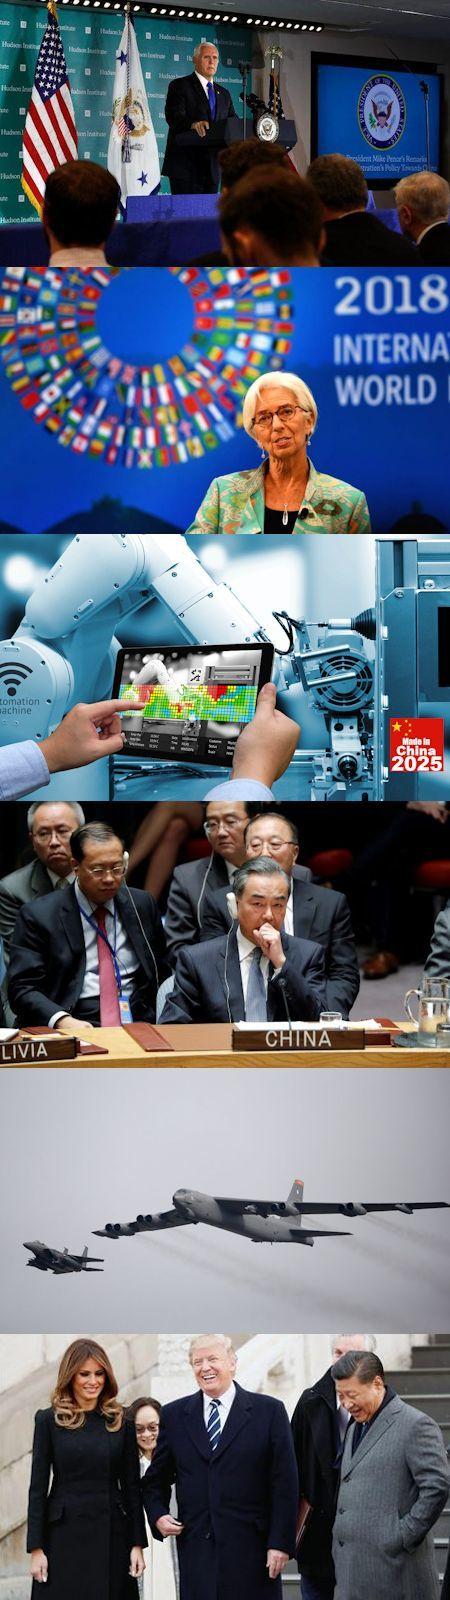 ペンス・ドクトリン - 同盟国日本への対中国経済制裁協調の押しつけ_c0315619_15090700.jpg